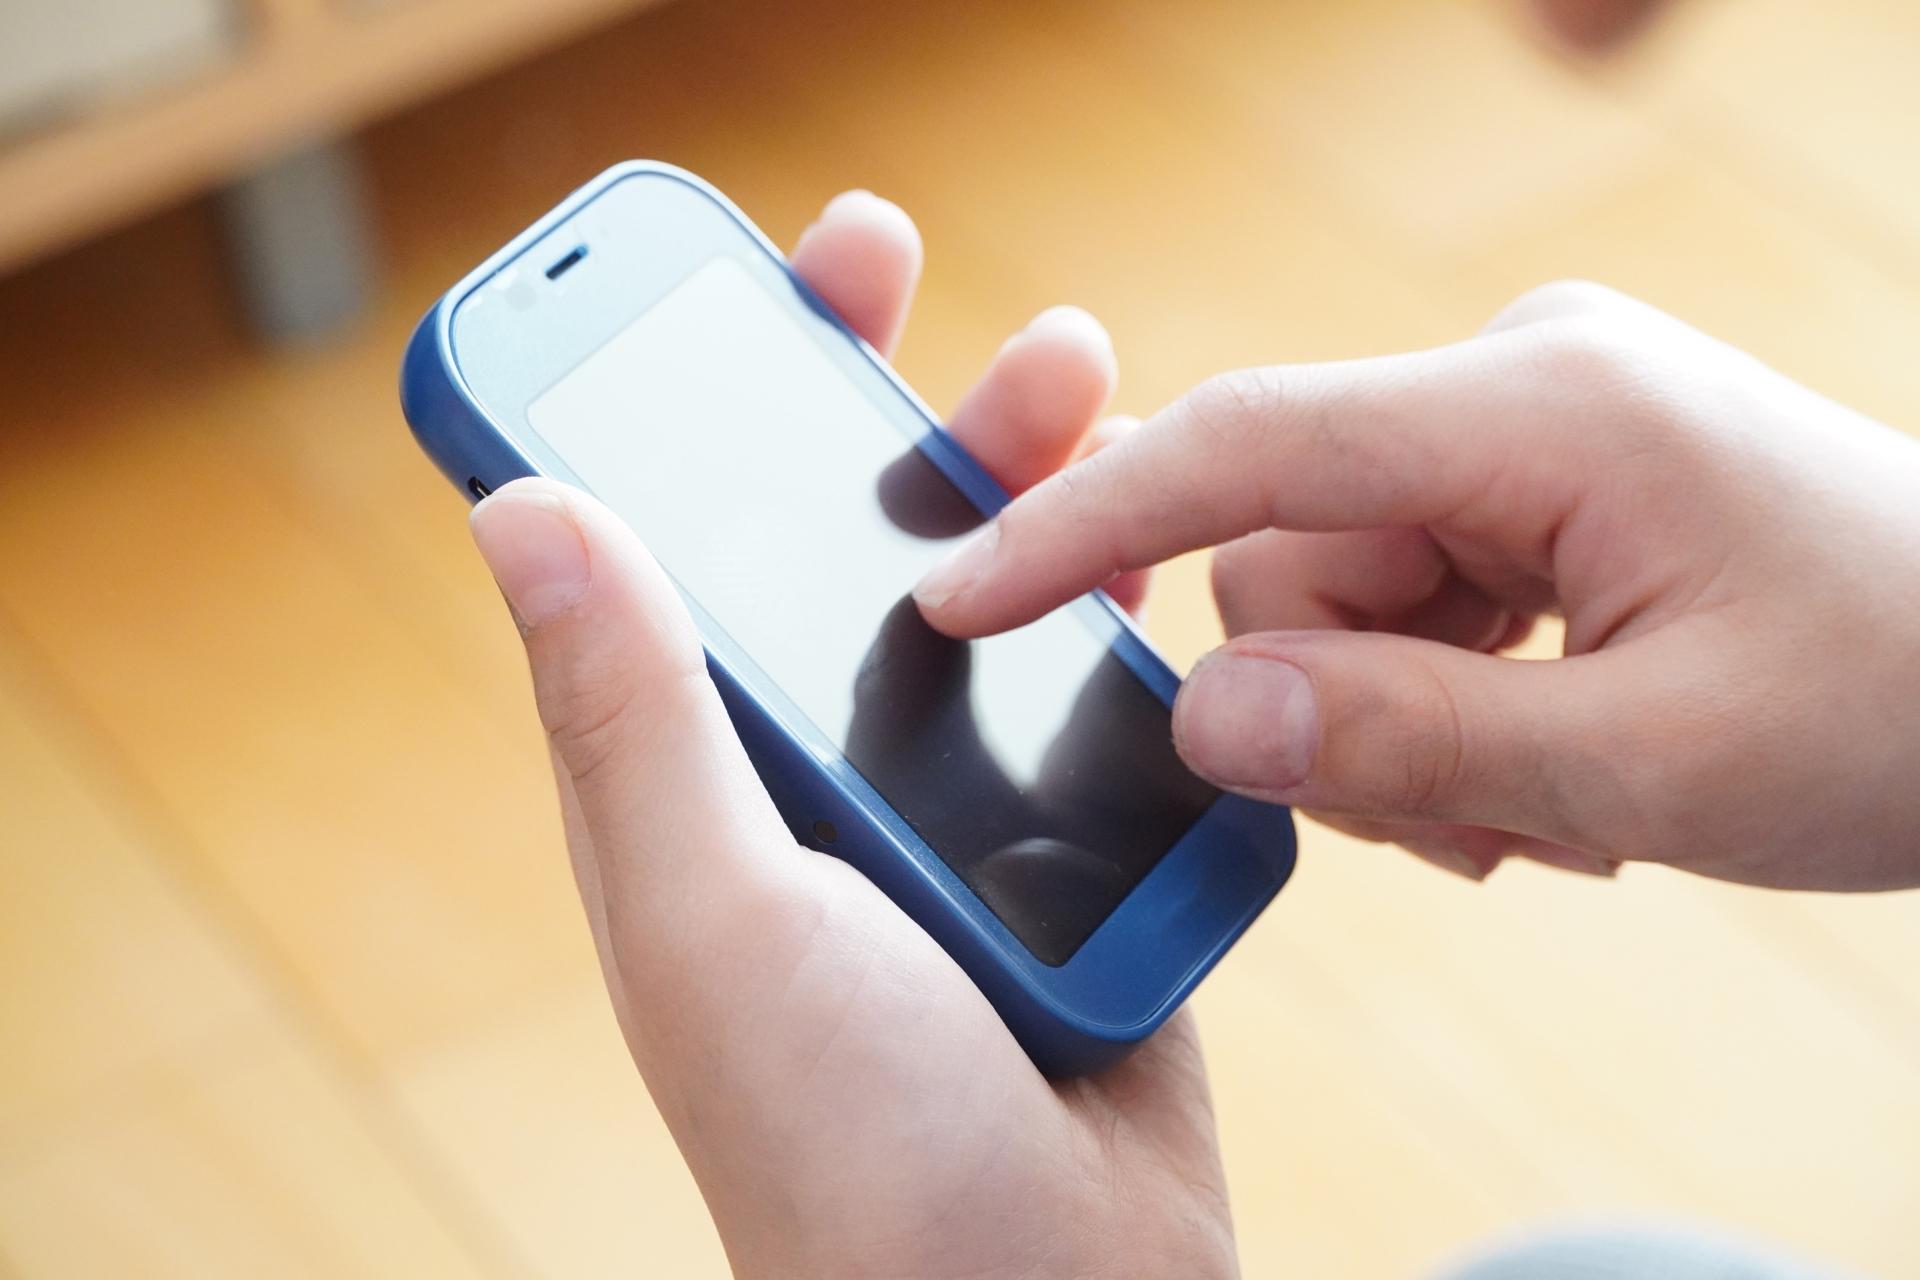 ネズミ駆除アプリは効果あり?